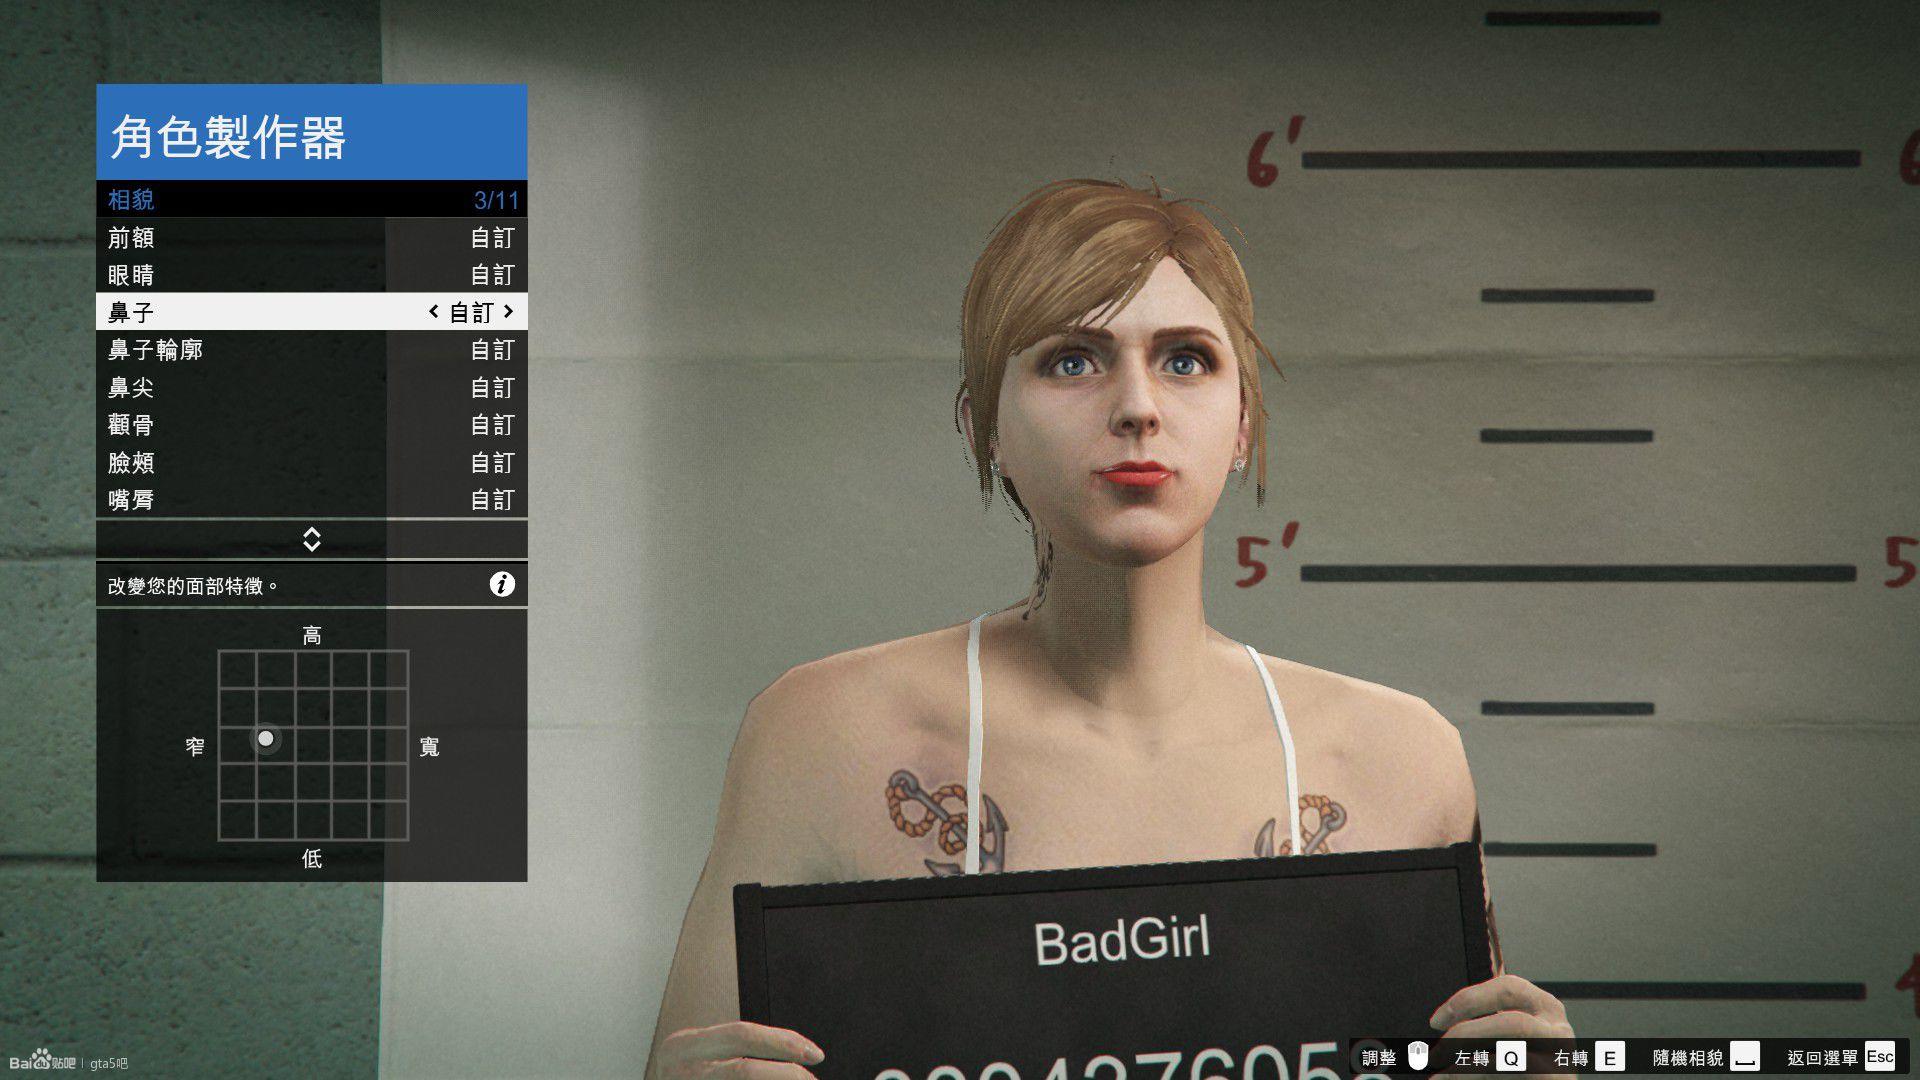 【捏脸】GTA5女角色捏脸数据插图(5)